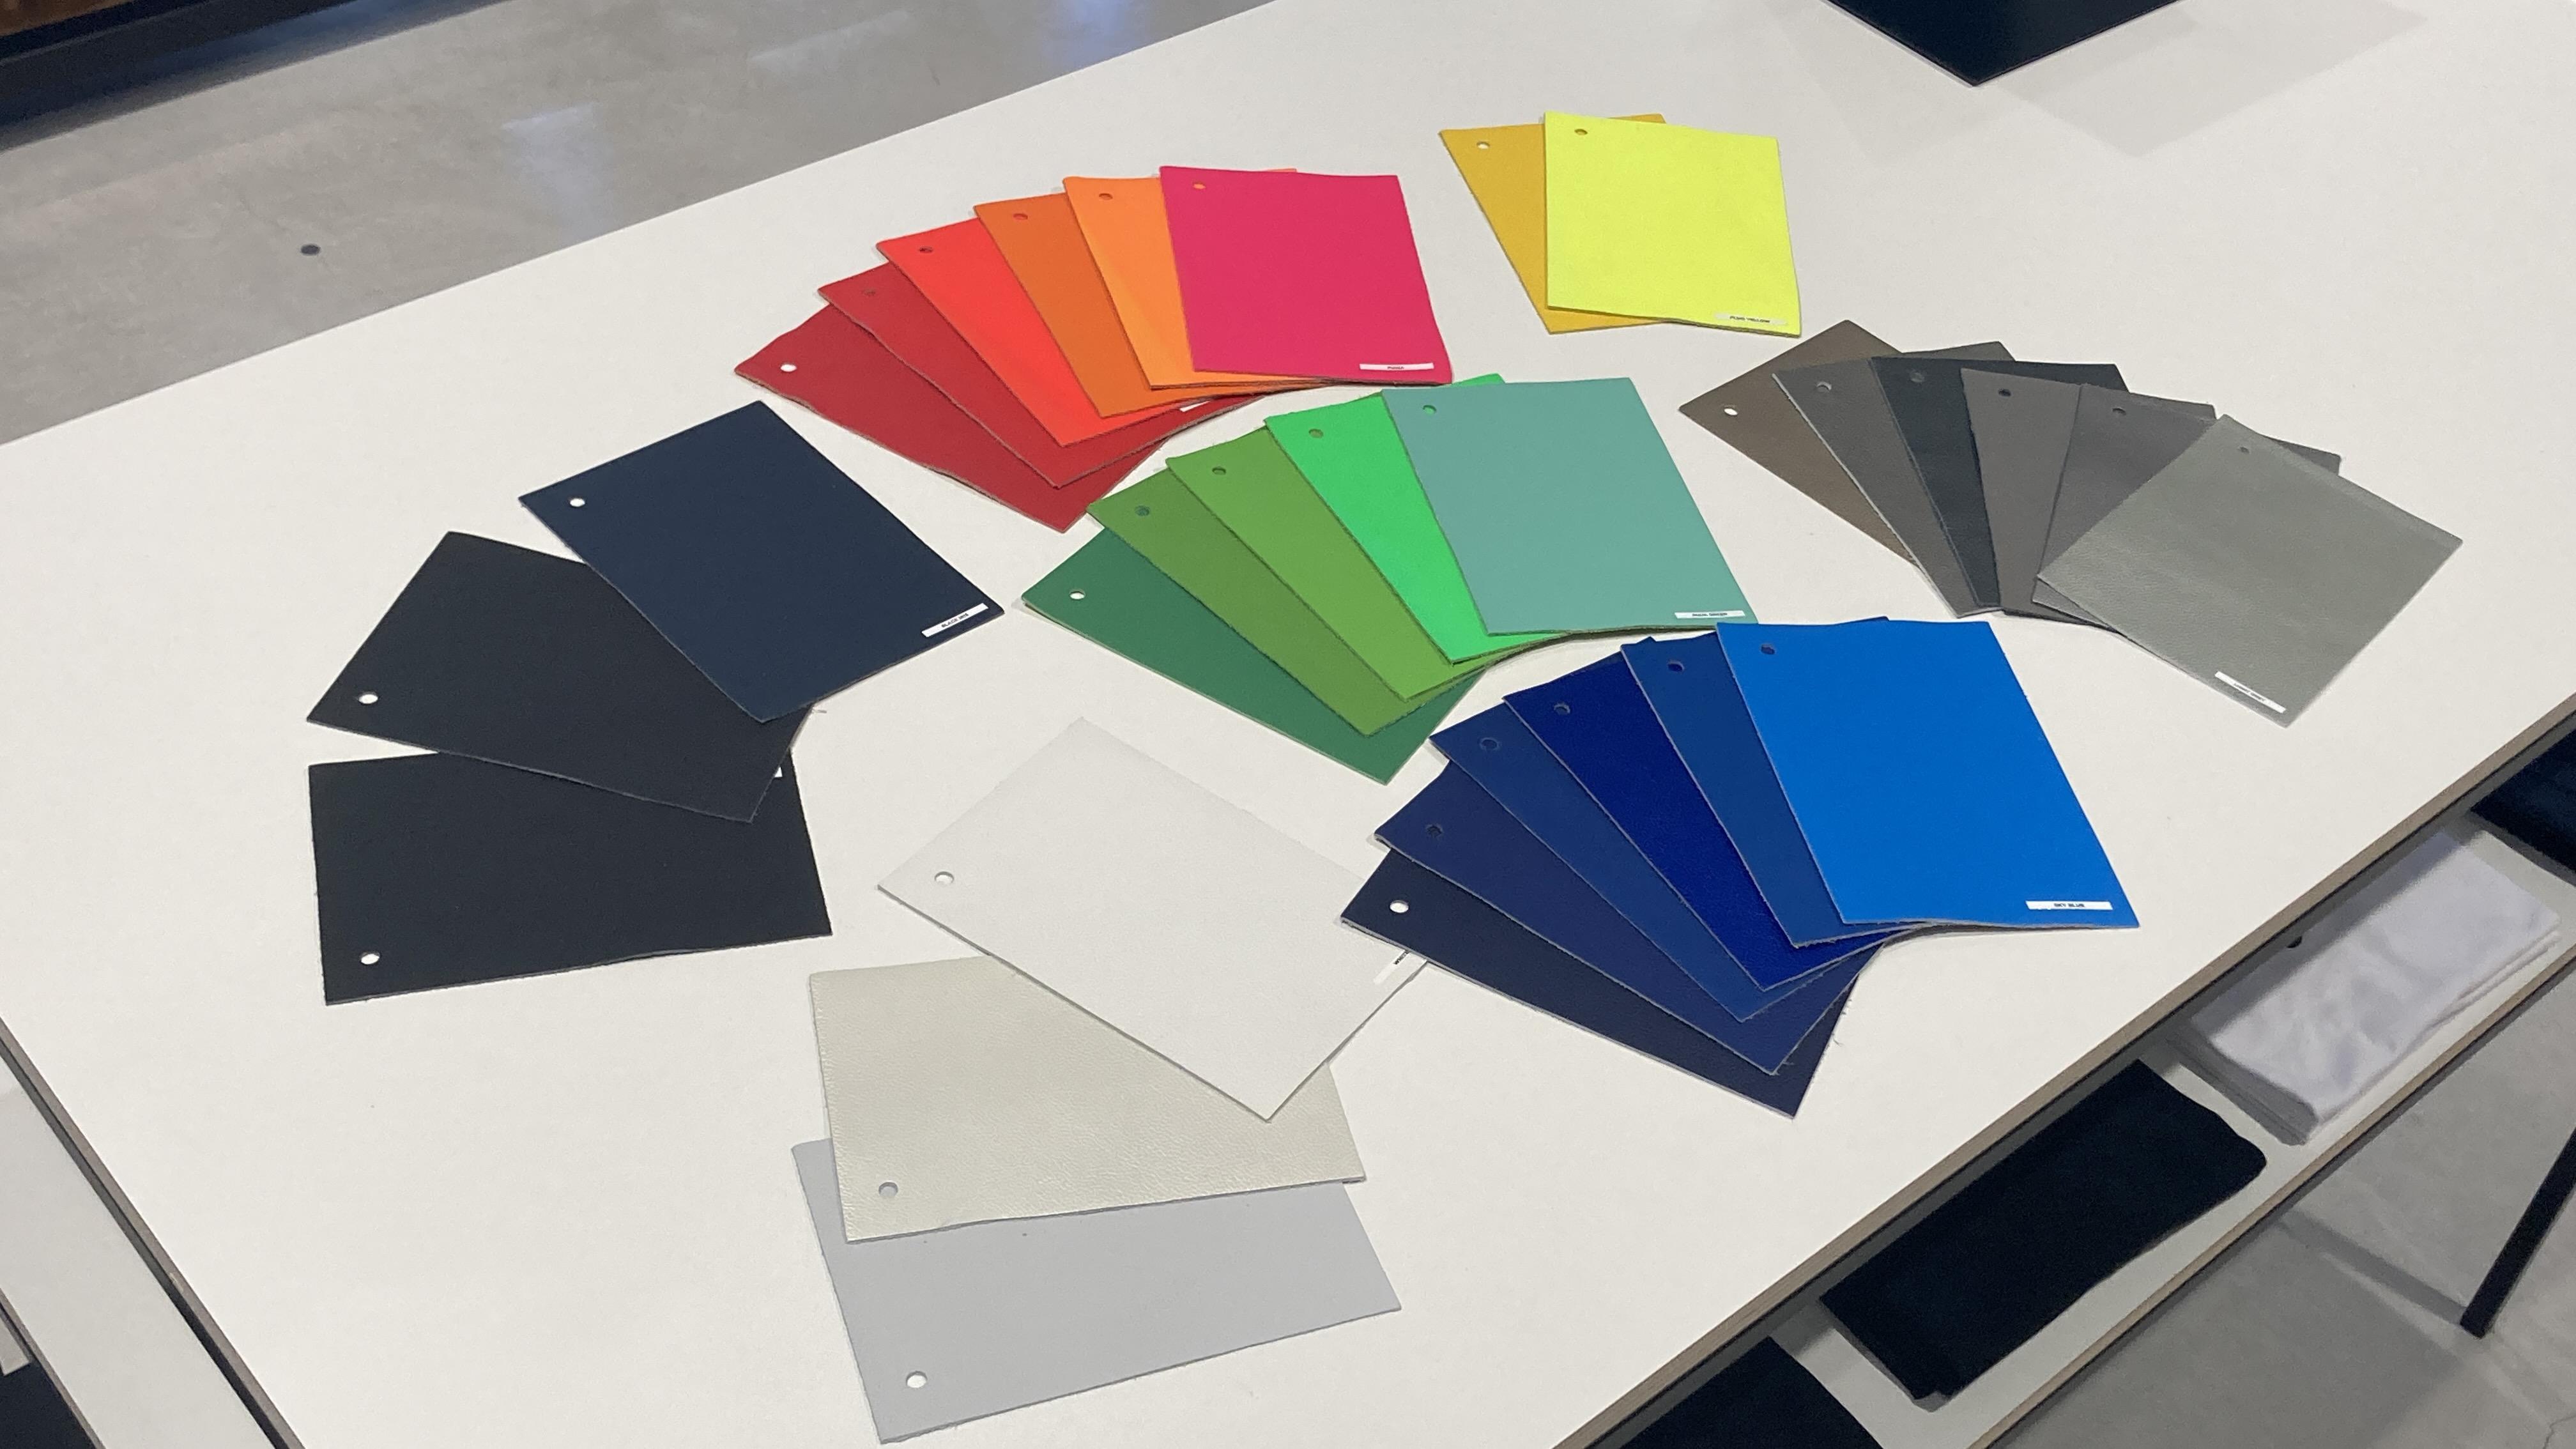 カラーオーダーで選択できるカラーが10色も増えました